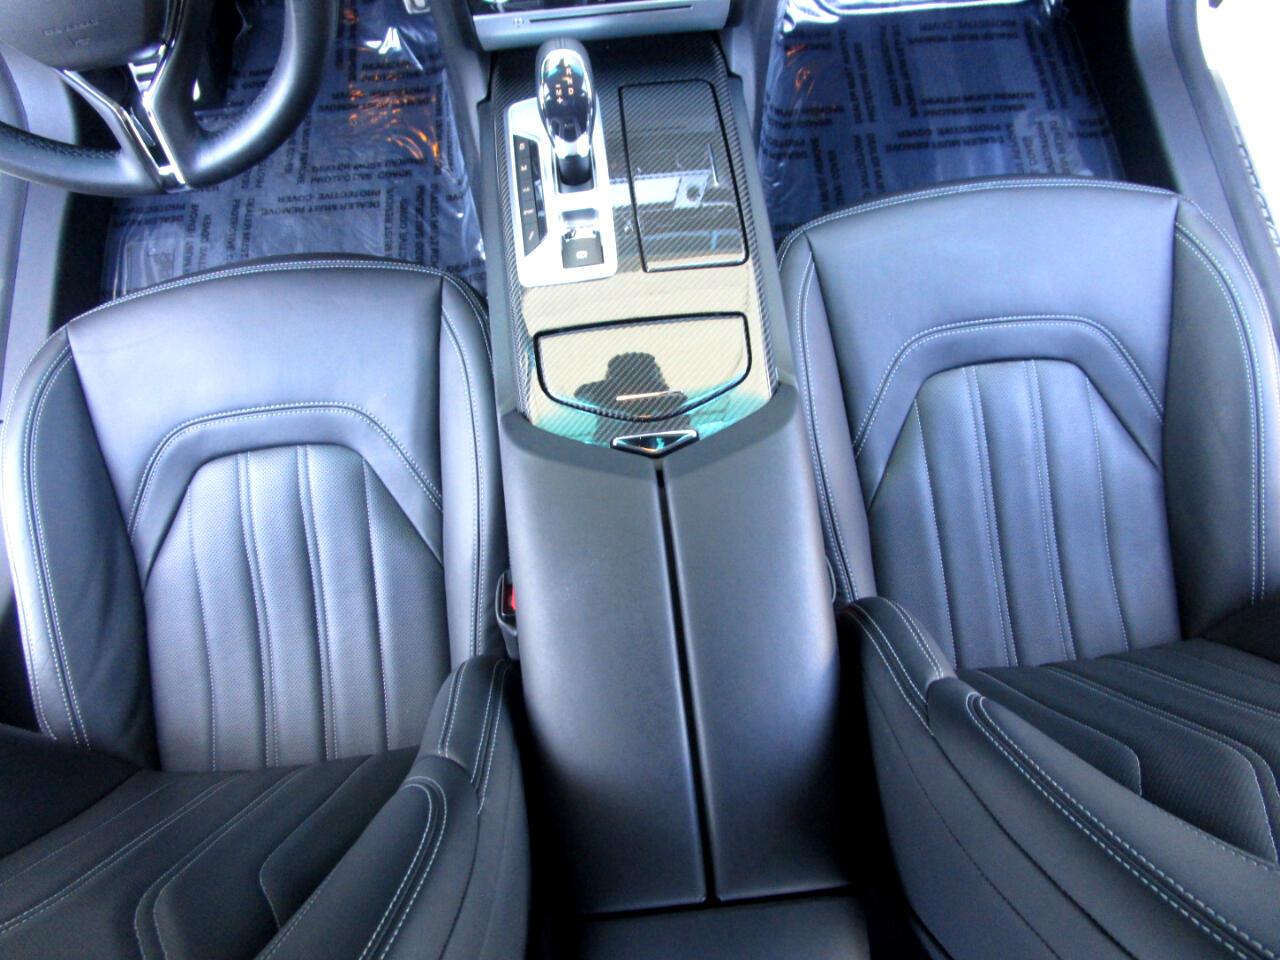 2016 Maserati Quattroporte TWIN TURBO GTS**HEAT-AC SEATS*REAR HEAT SEATS*